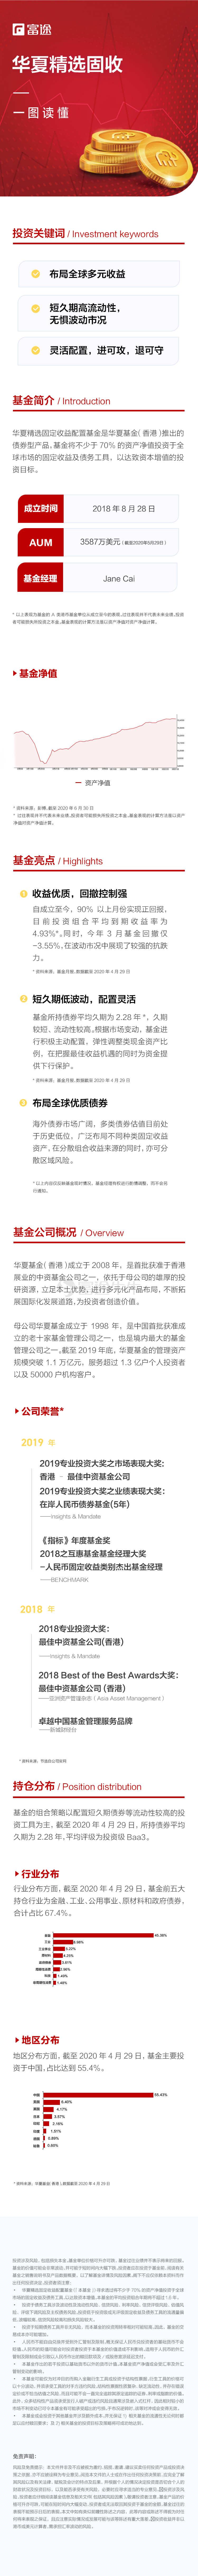 一图读懂 | 华夏精选固定收益配置基金,布局全球多元收益